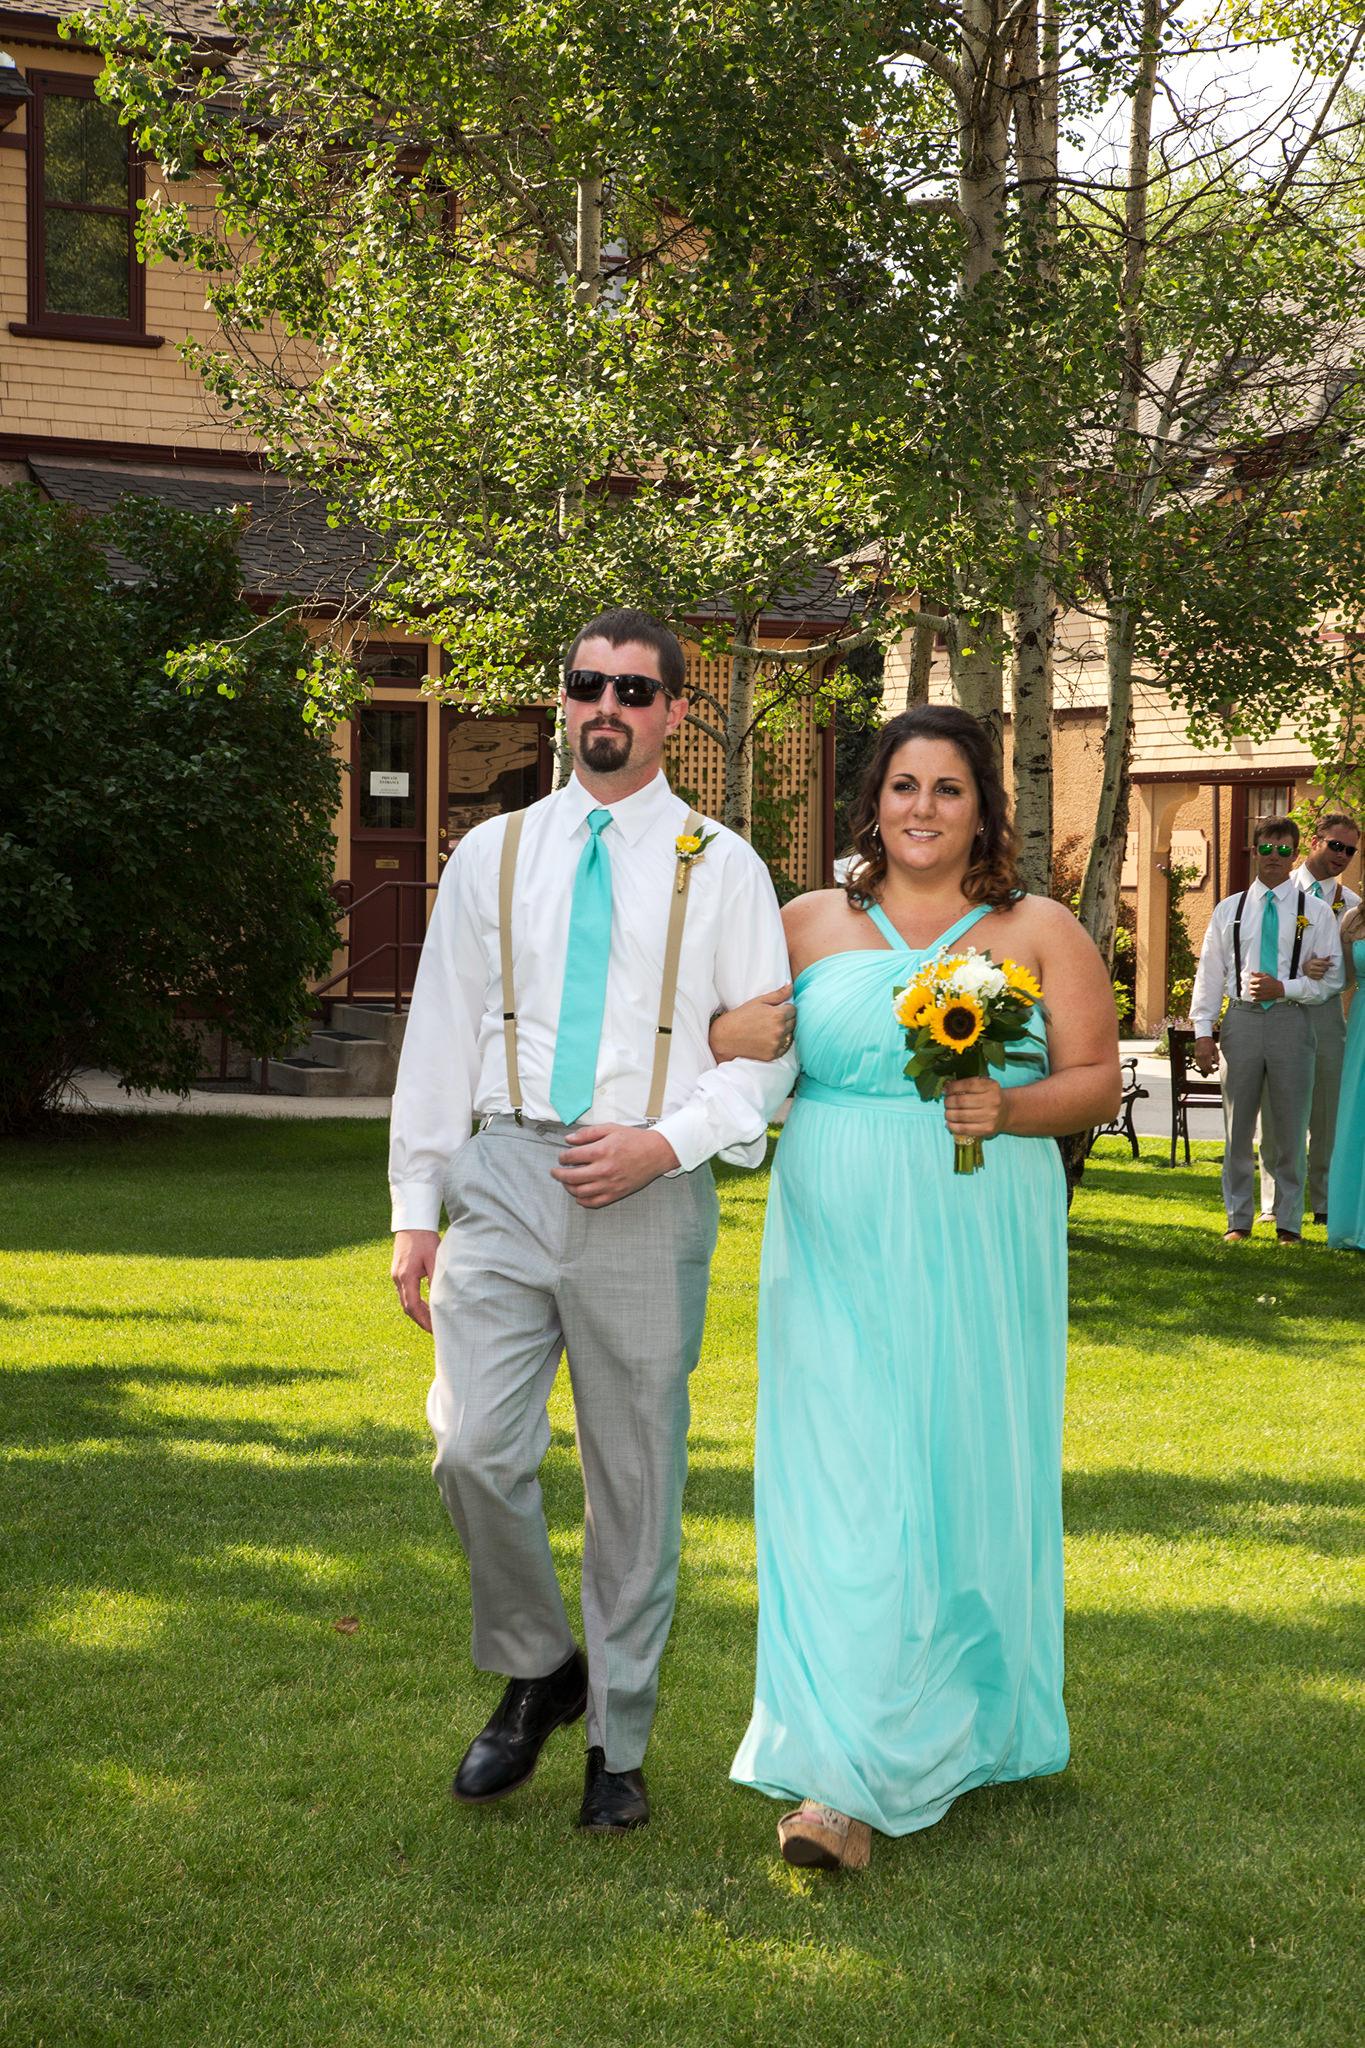 marchese_wedding_420 copy